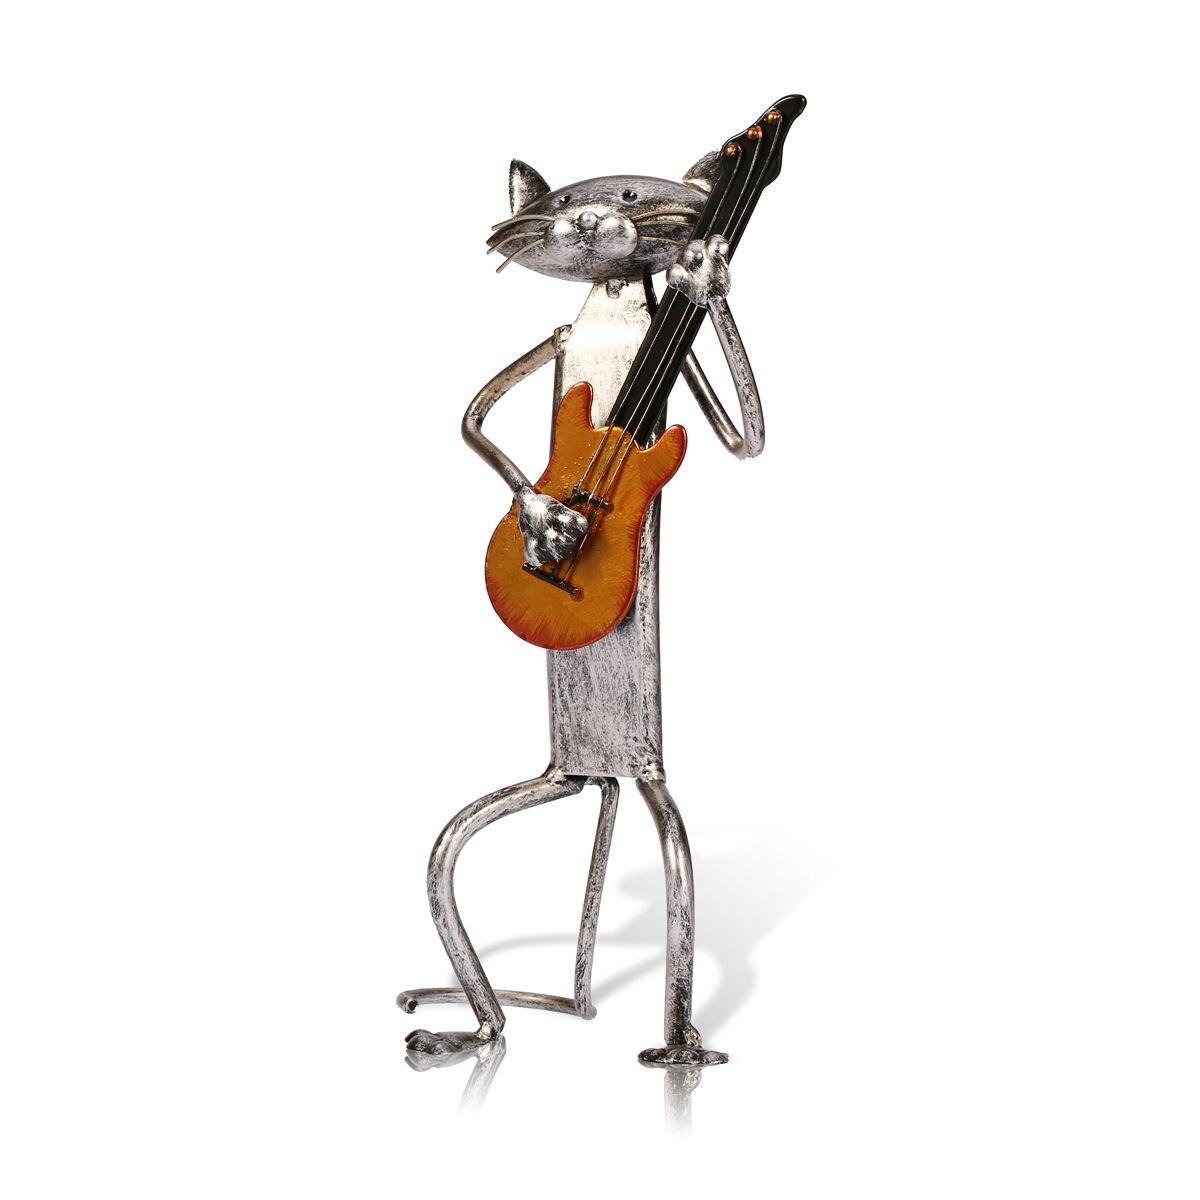 Figurine en métal pop A jouer de la guitare Saxophone chant chat Figurine Articles d'ameublement artisanat cadeau pour la décoration de la maison